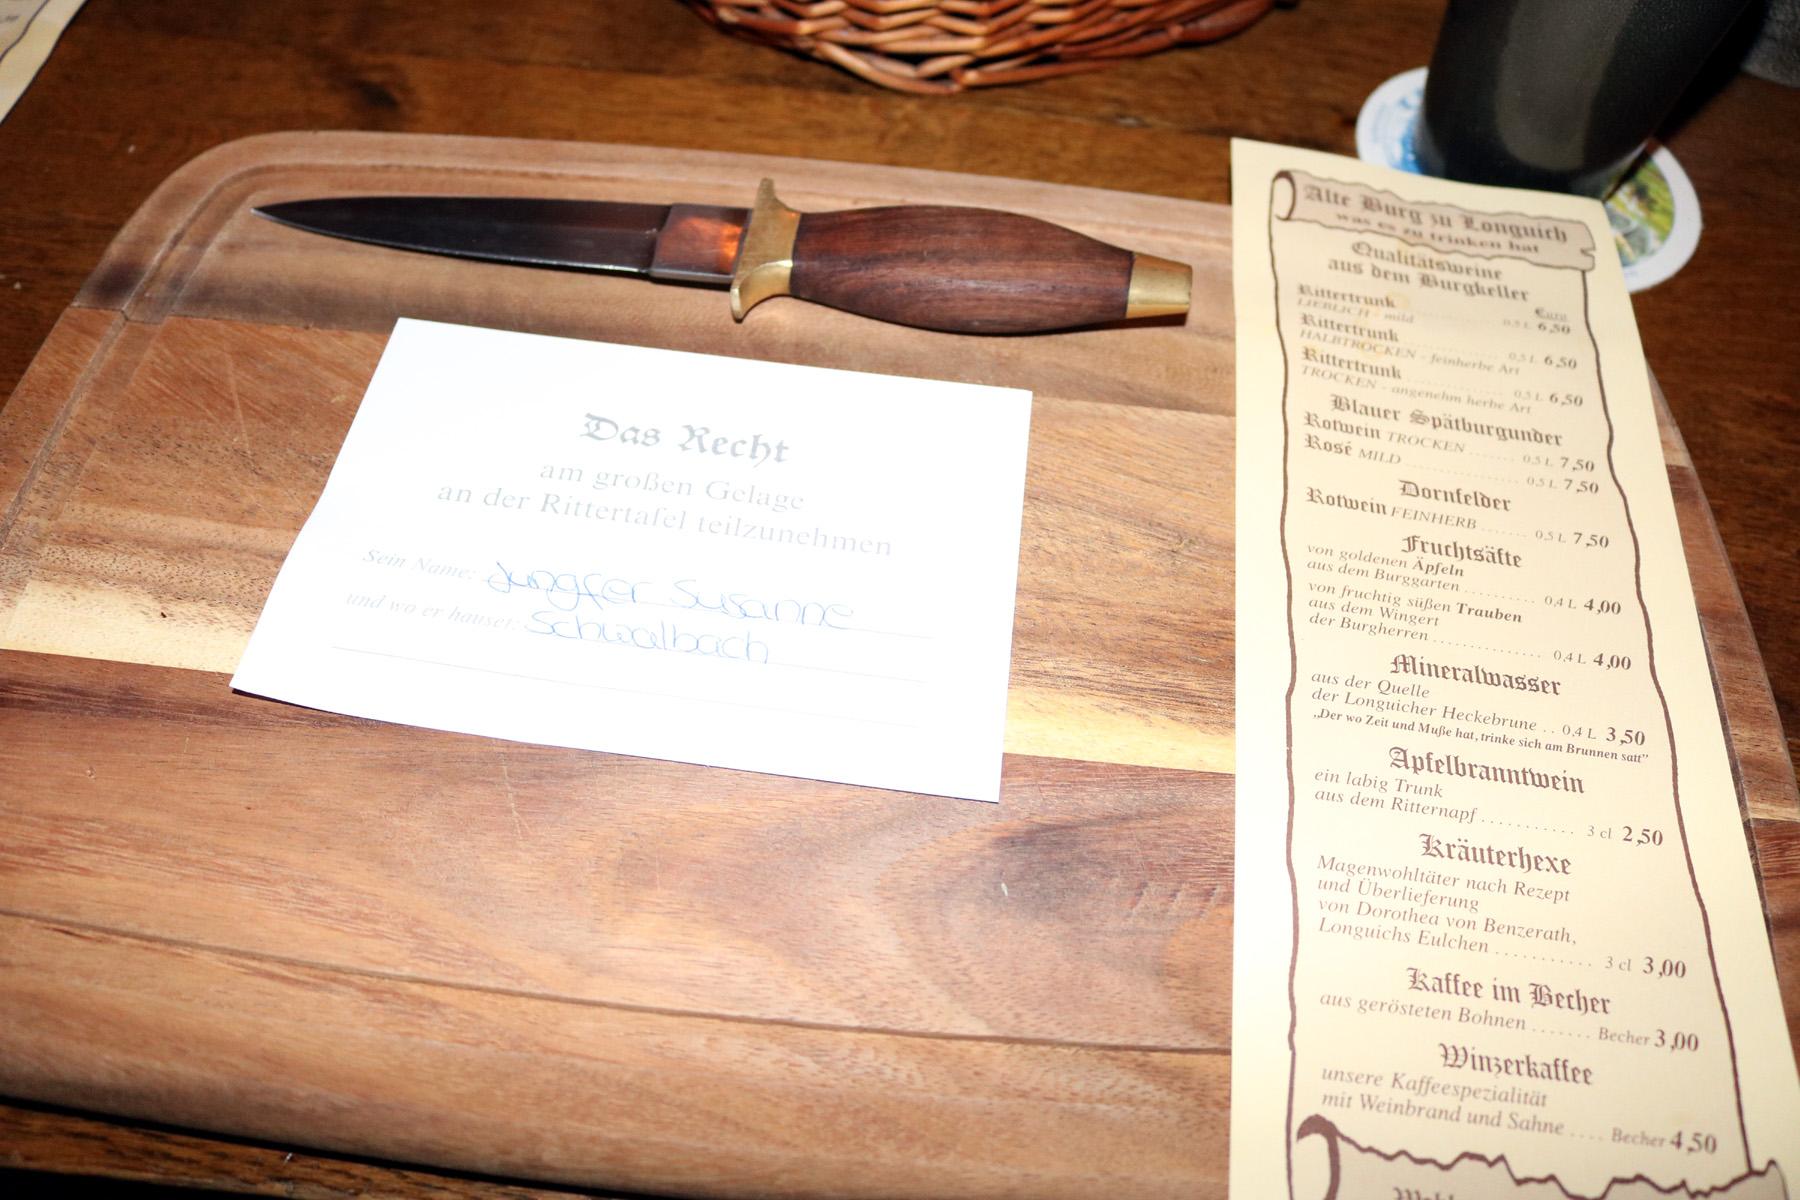 Einladung zur Rittertafel